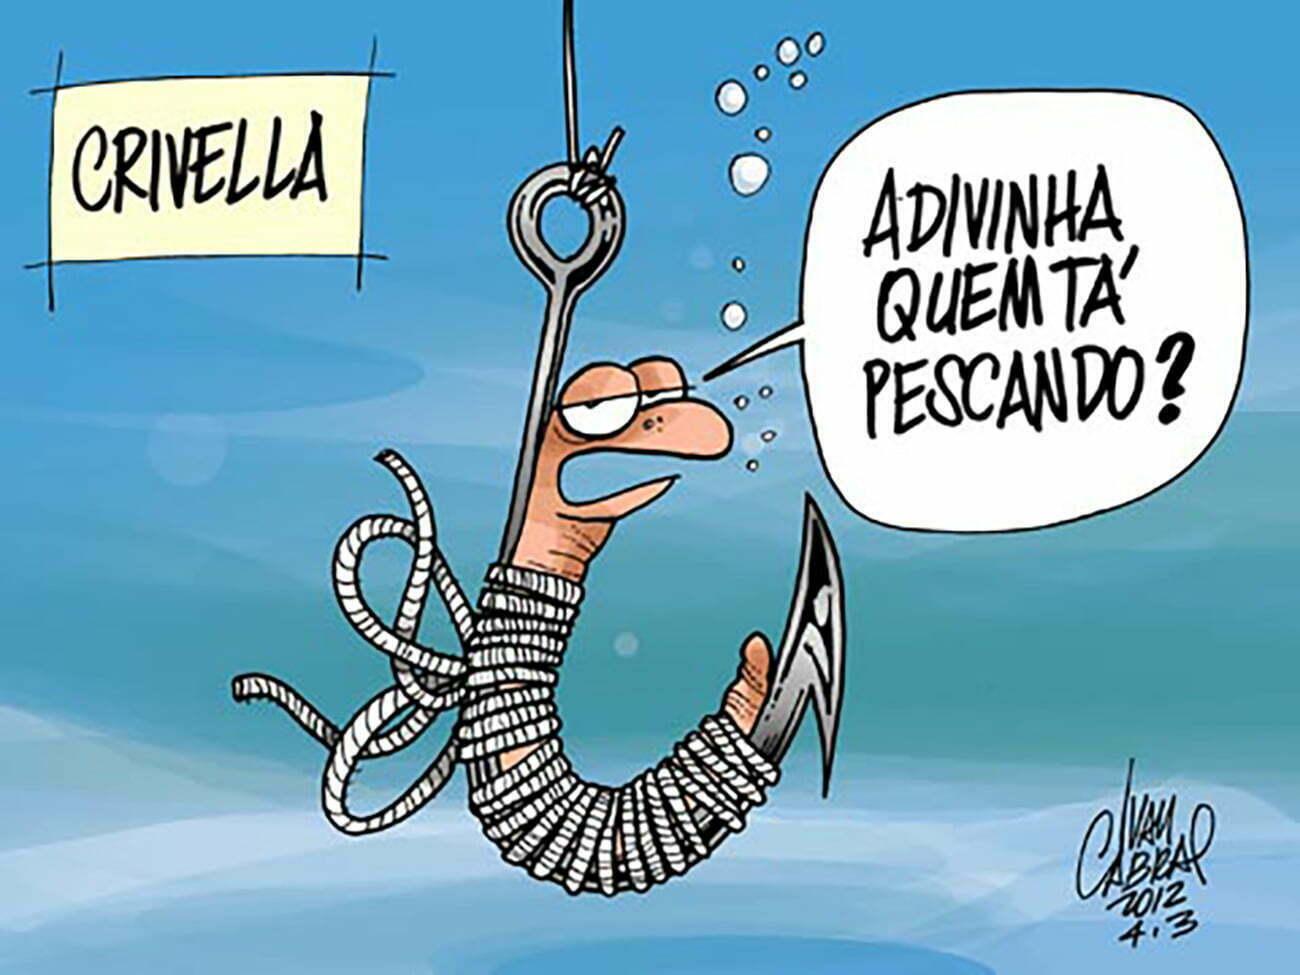 ilustração de pescaria